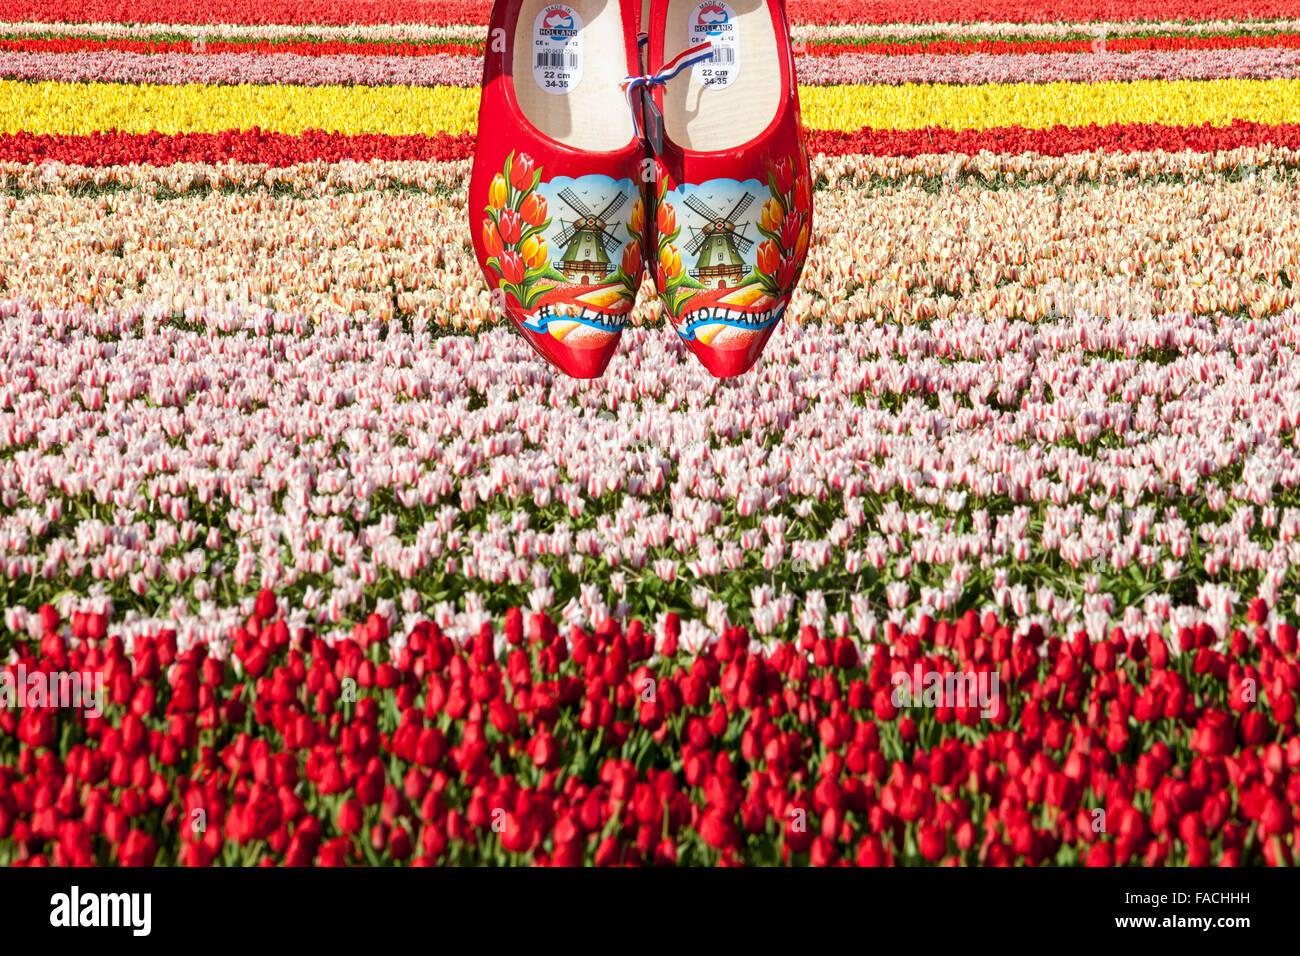 Campi di Tulipani vicino a giardini Keukenhof Lisse, Paesi Bassi, con un paio di zoccoli. Immagini Stock